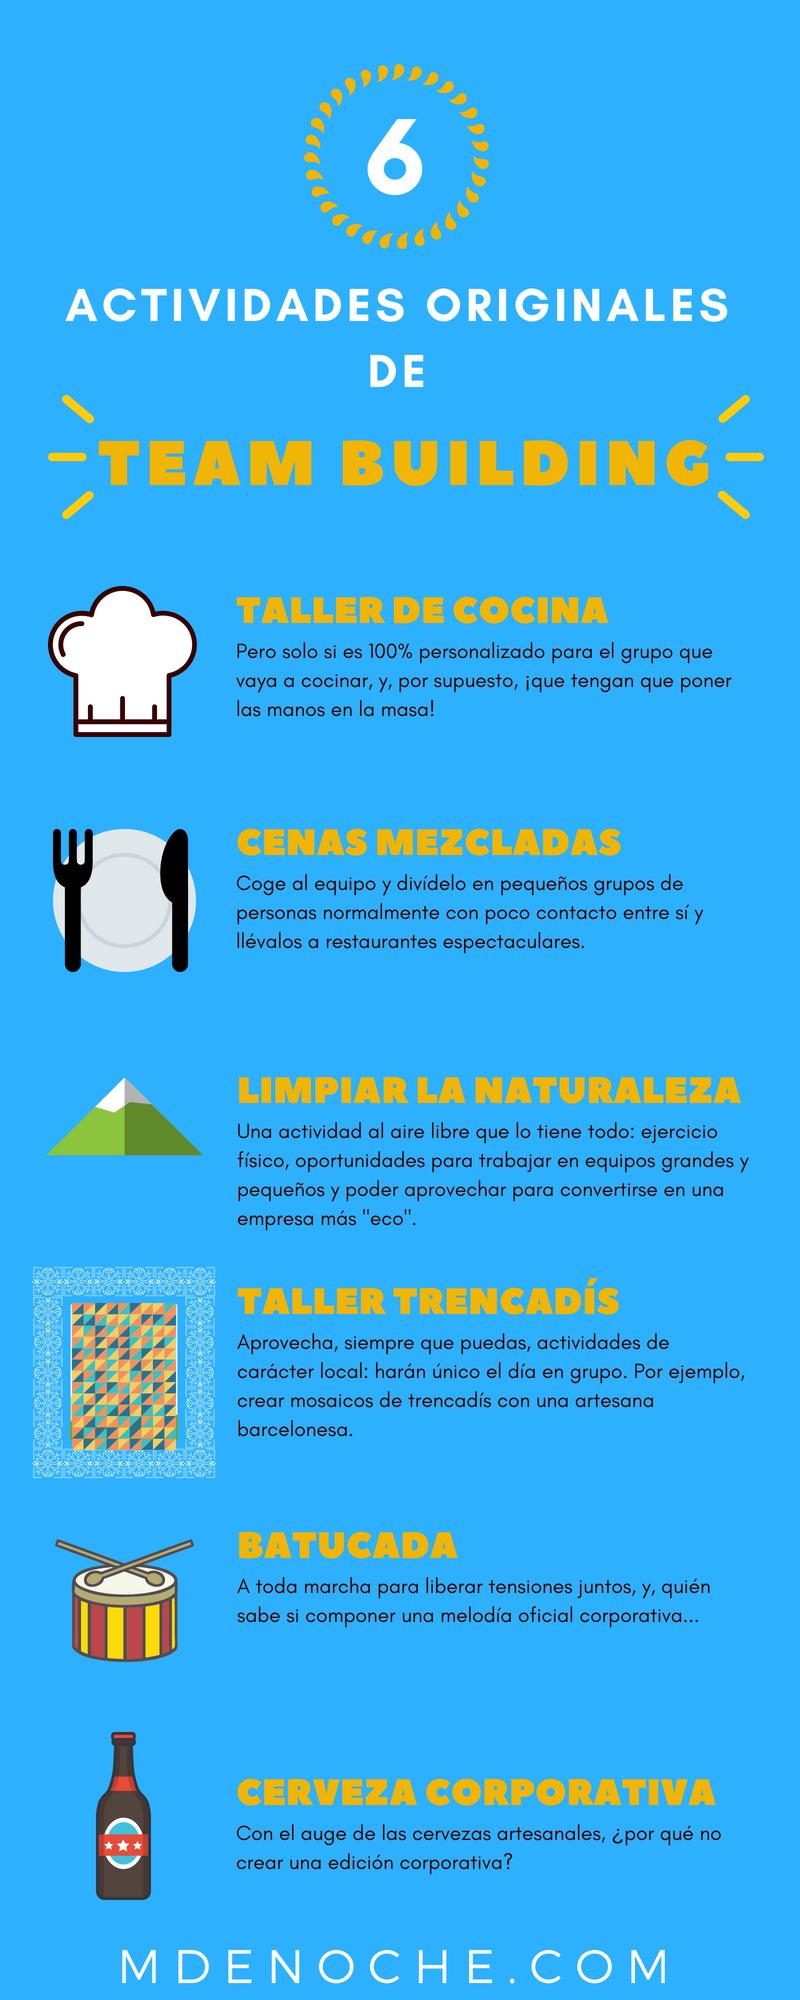 Actividades Teambuilding Originales en Barcelona - 6 Ideas